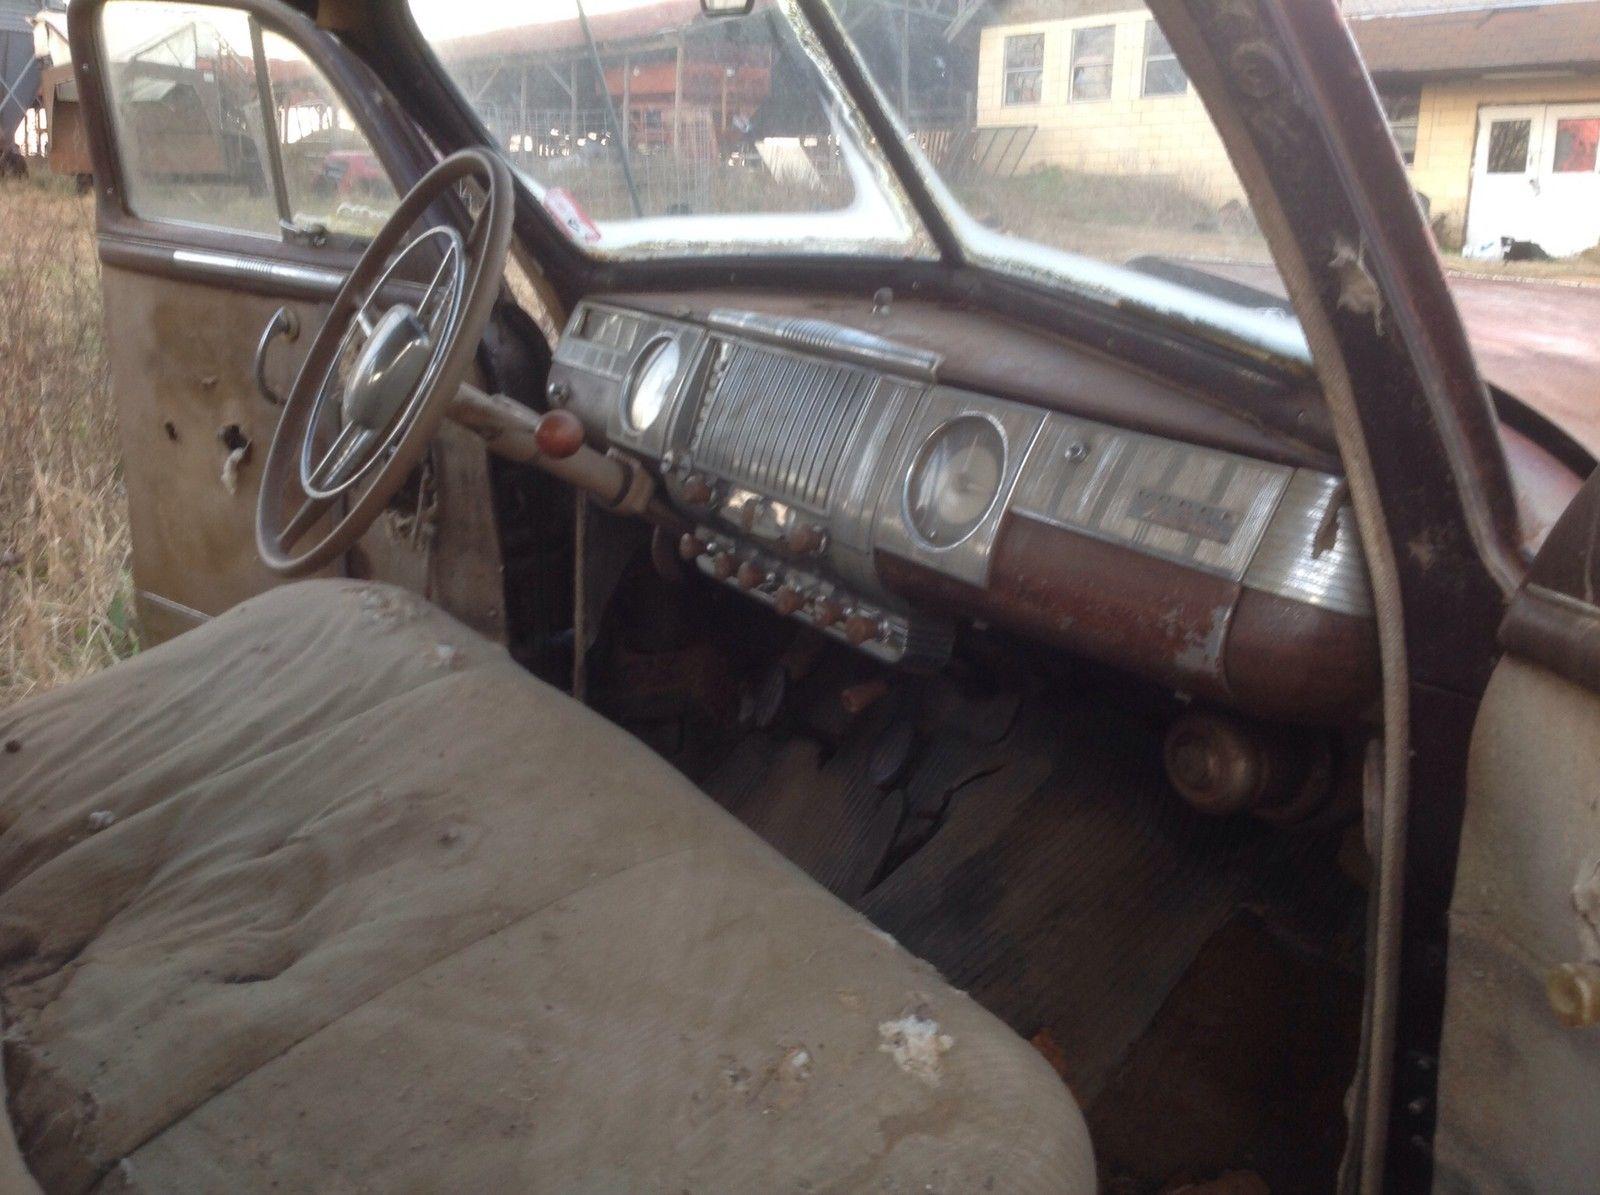 Unrestored Classic Dodge Deluxe Door Fluid Drive Great Garage Find